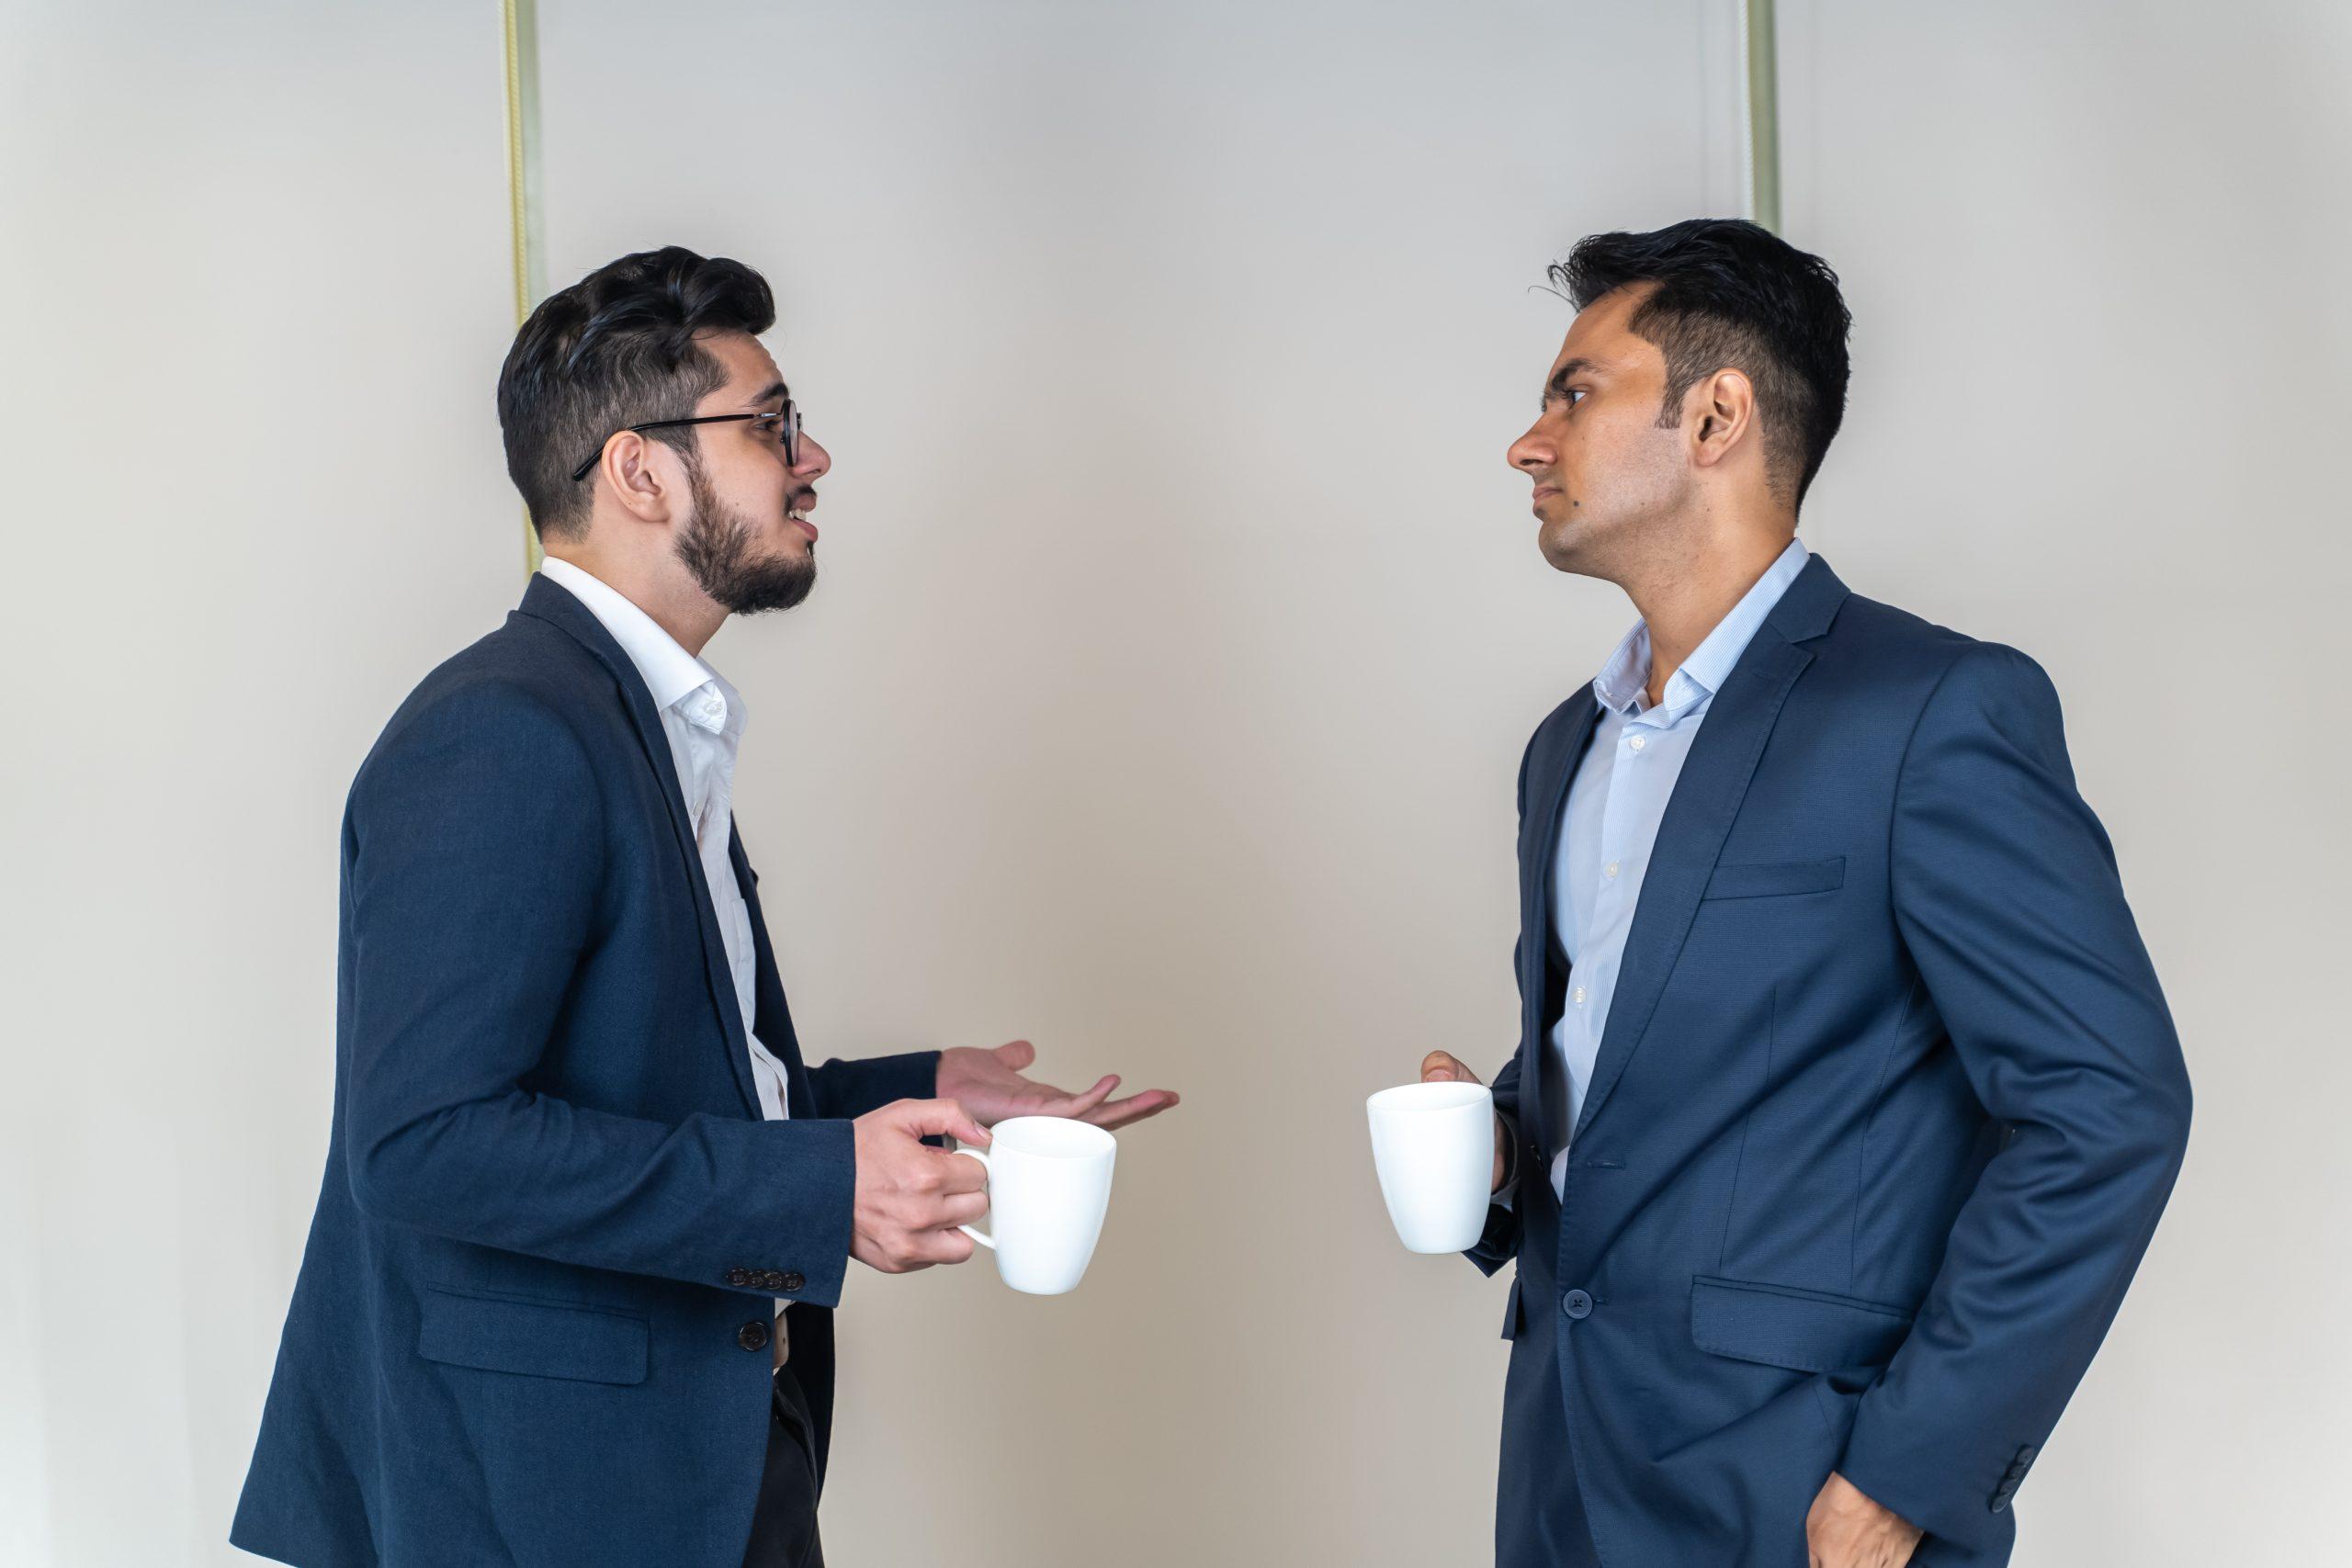 Employee explaining to manager